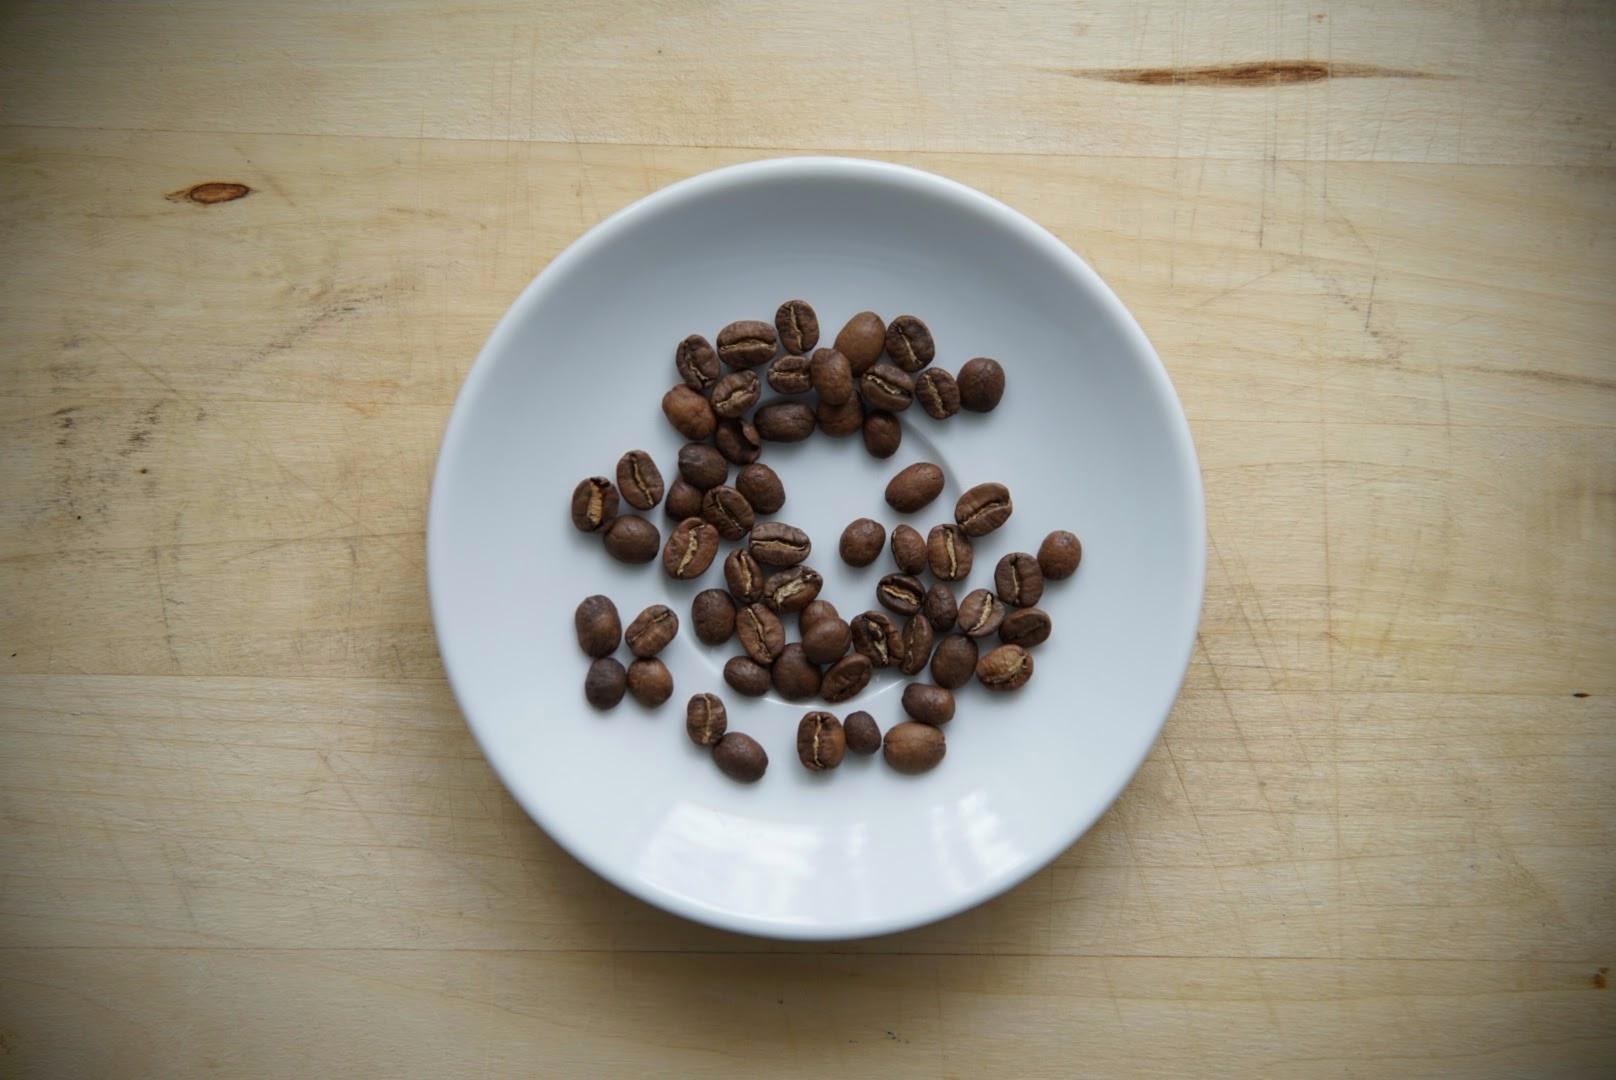 Zmielone i Wypite: Kolumbia Sevilla – Cauca, Coffee Proficiency